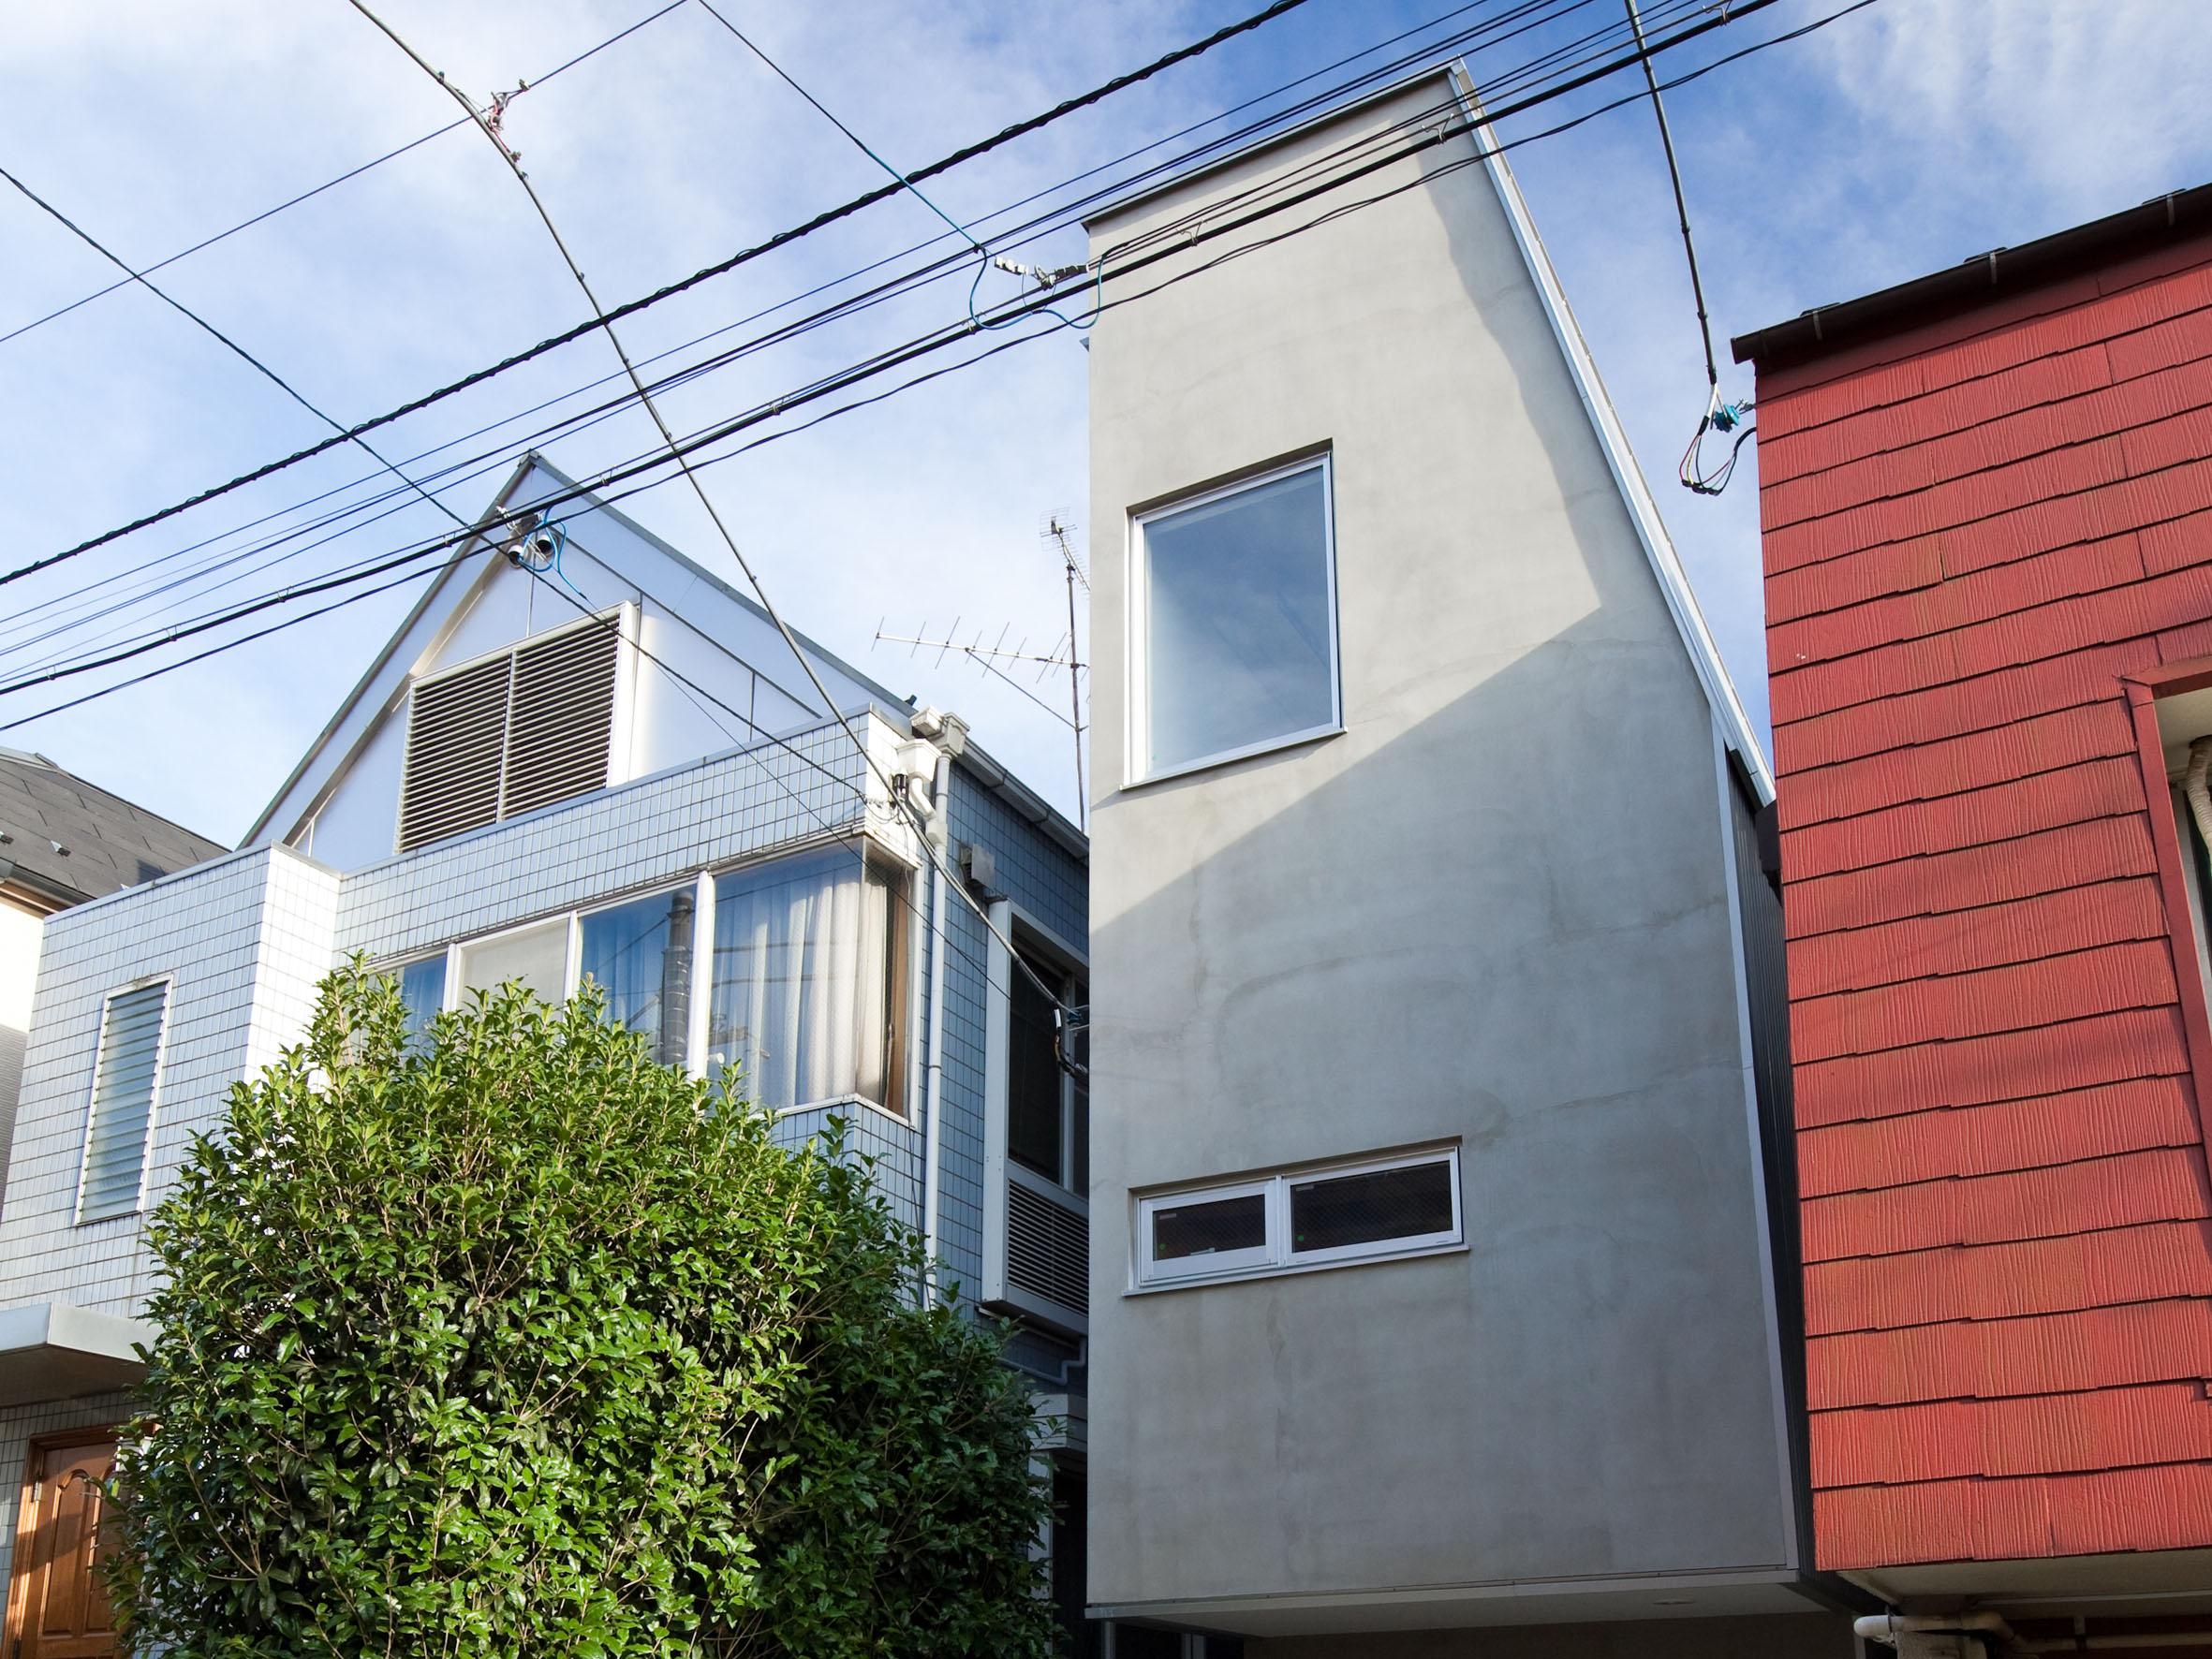 目黒区「iugum」の狭小住宅 完成写真01